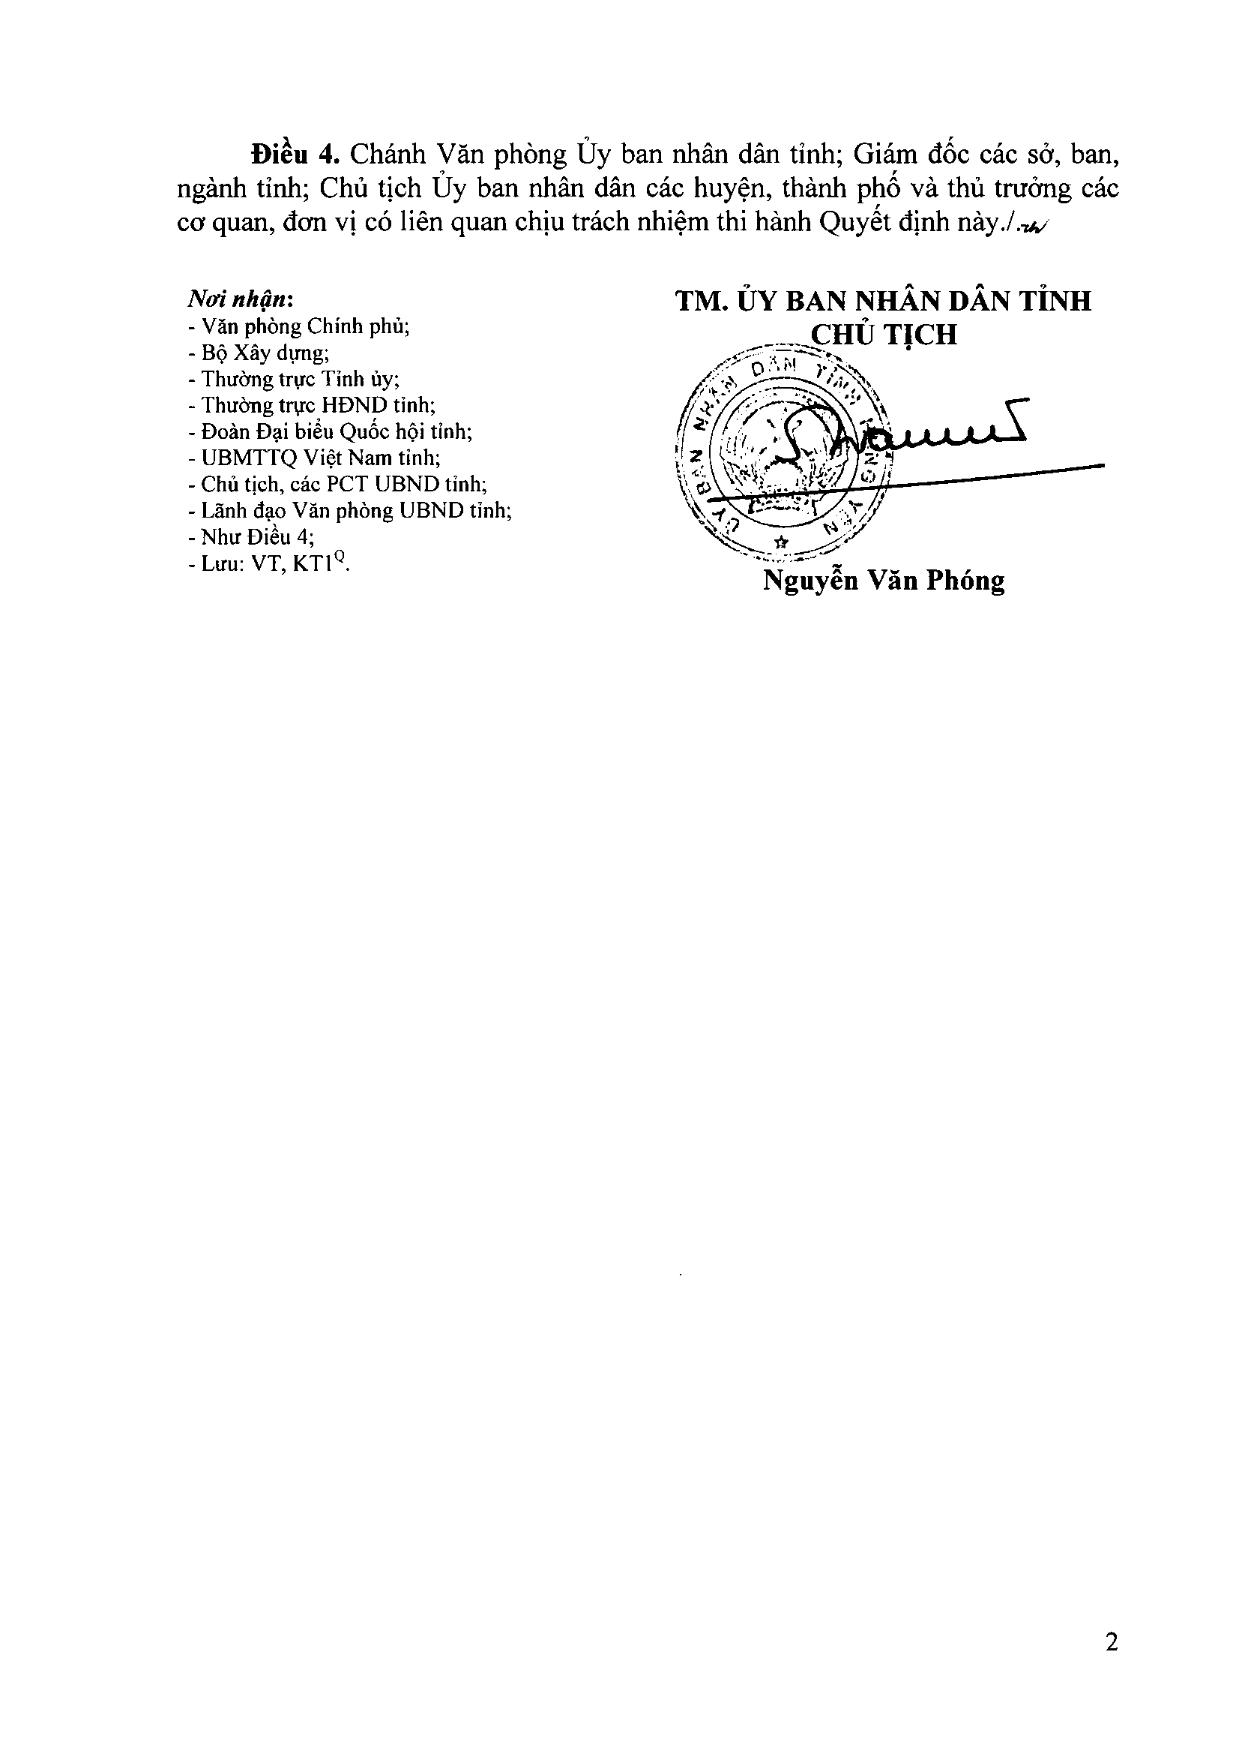 3209- khao sat tren dia ban tinh_002